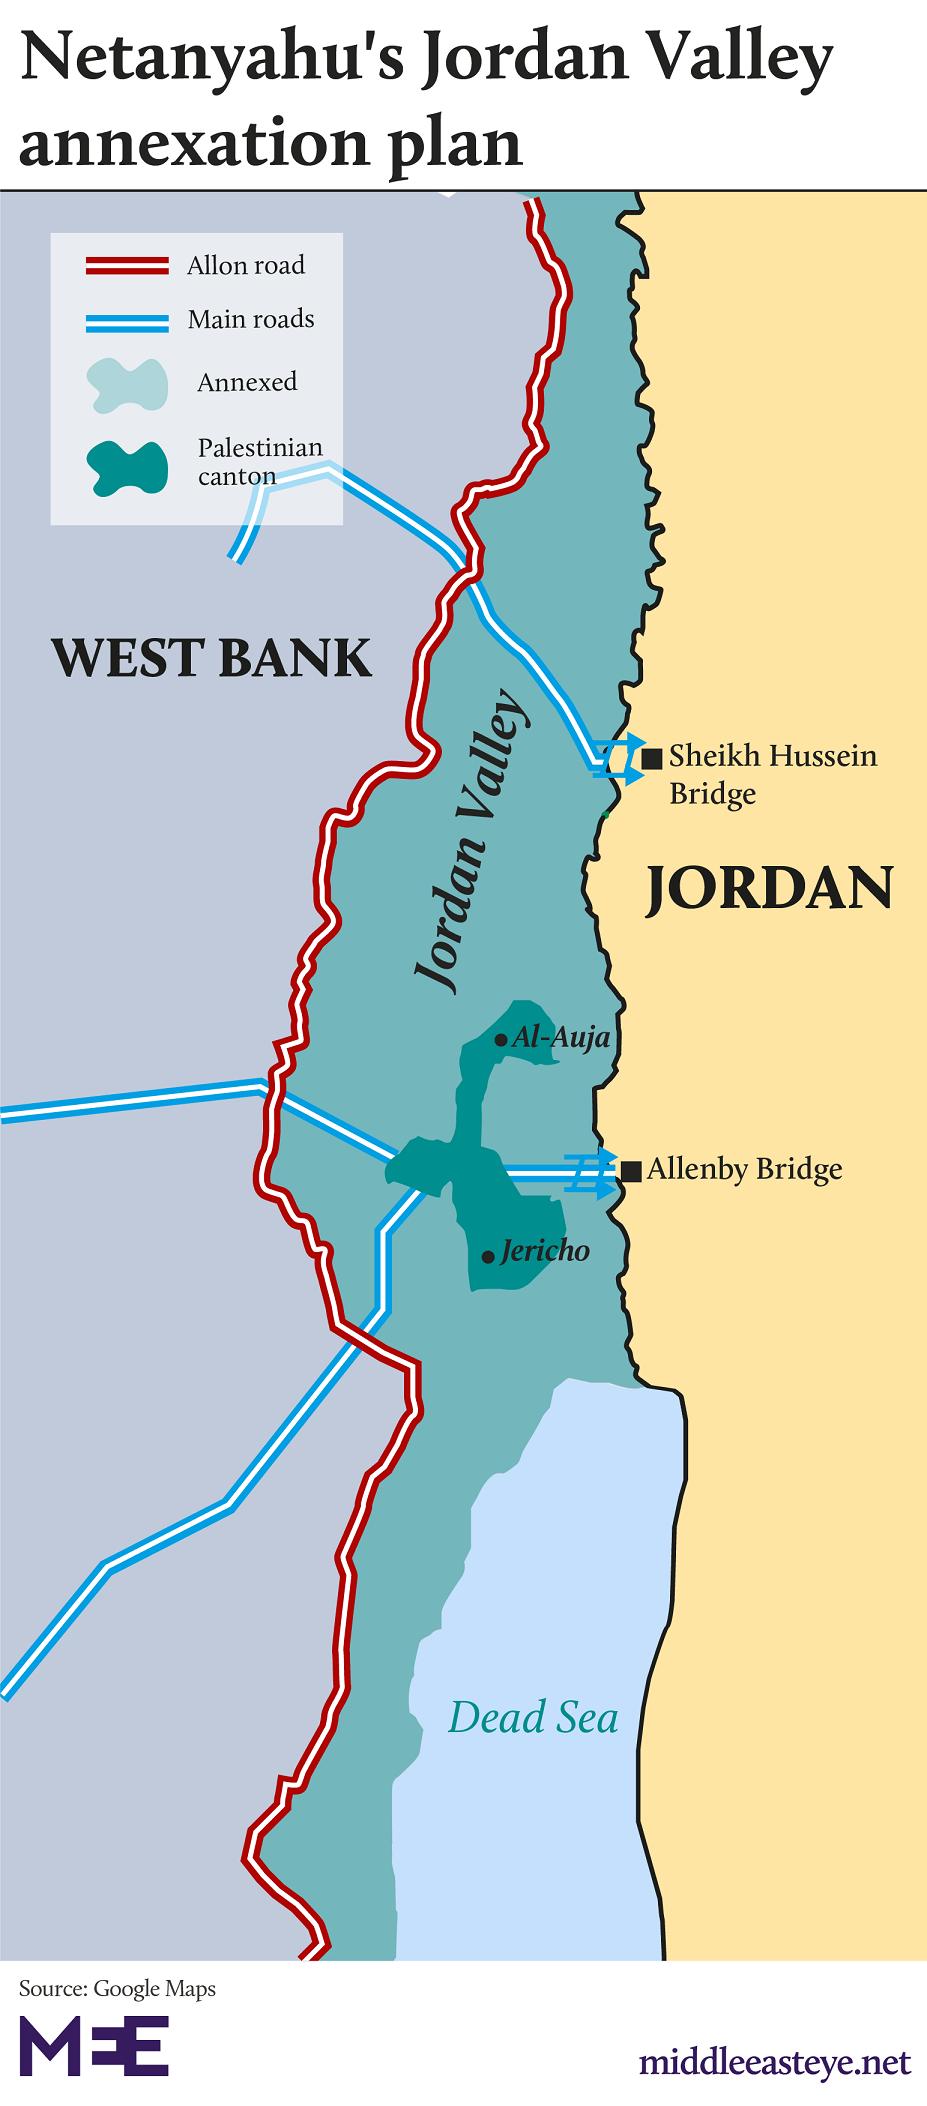 Netanyahu, Israel, annex Jordan Valley